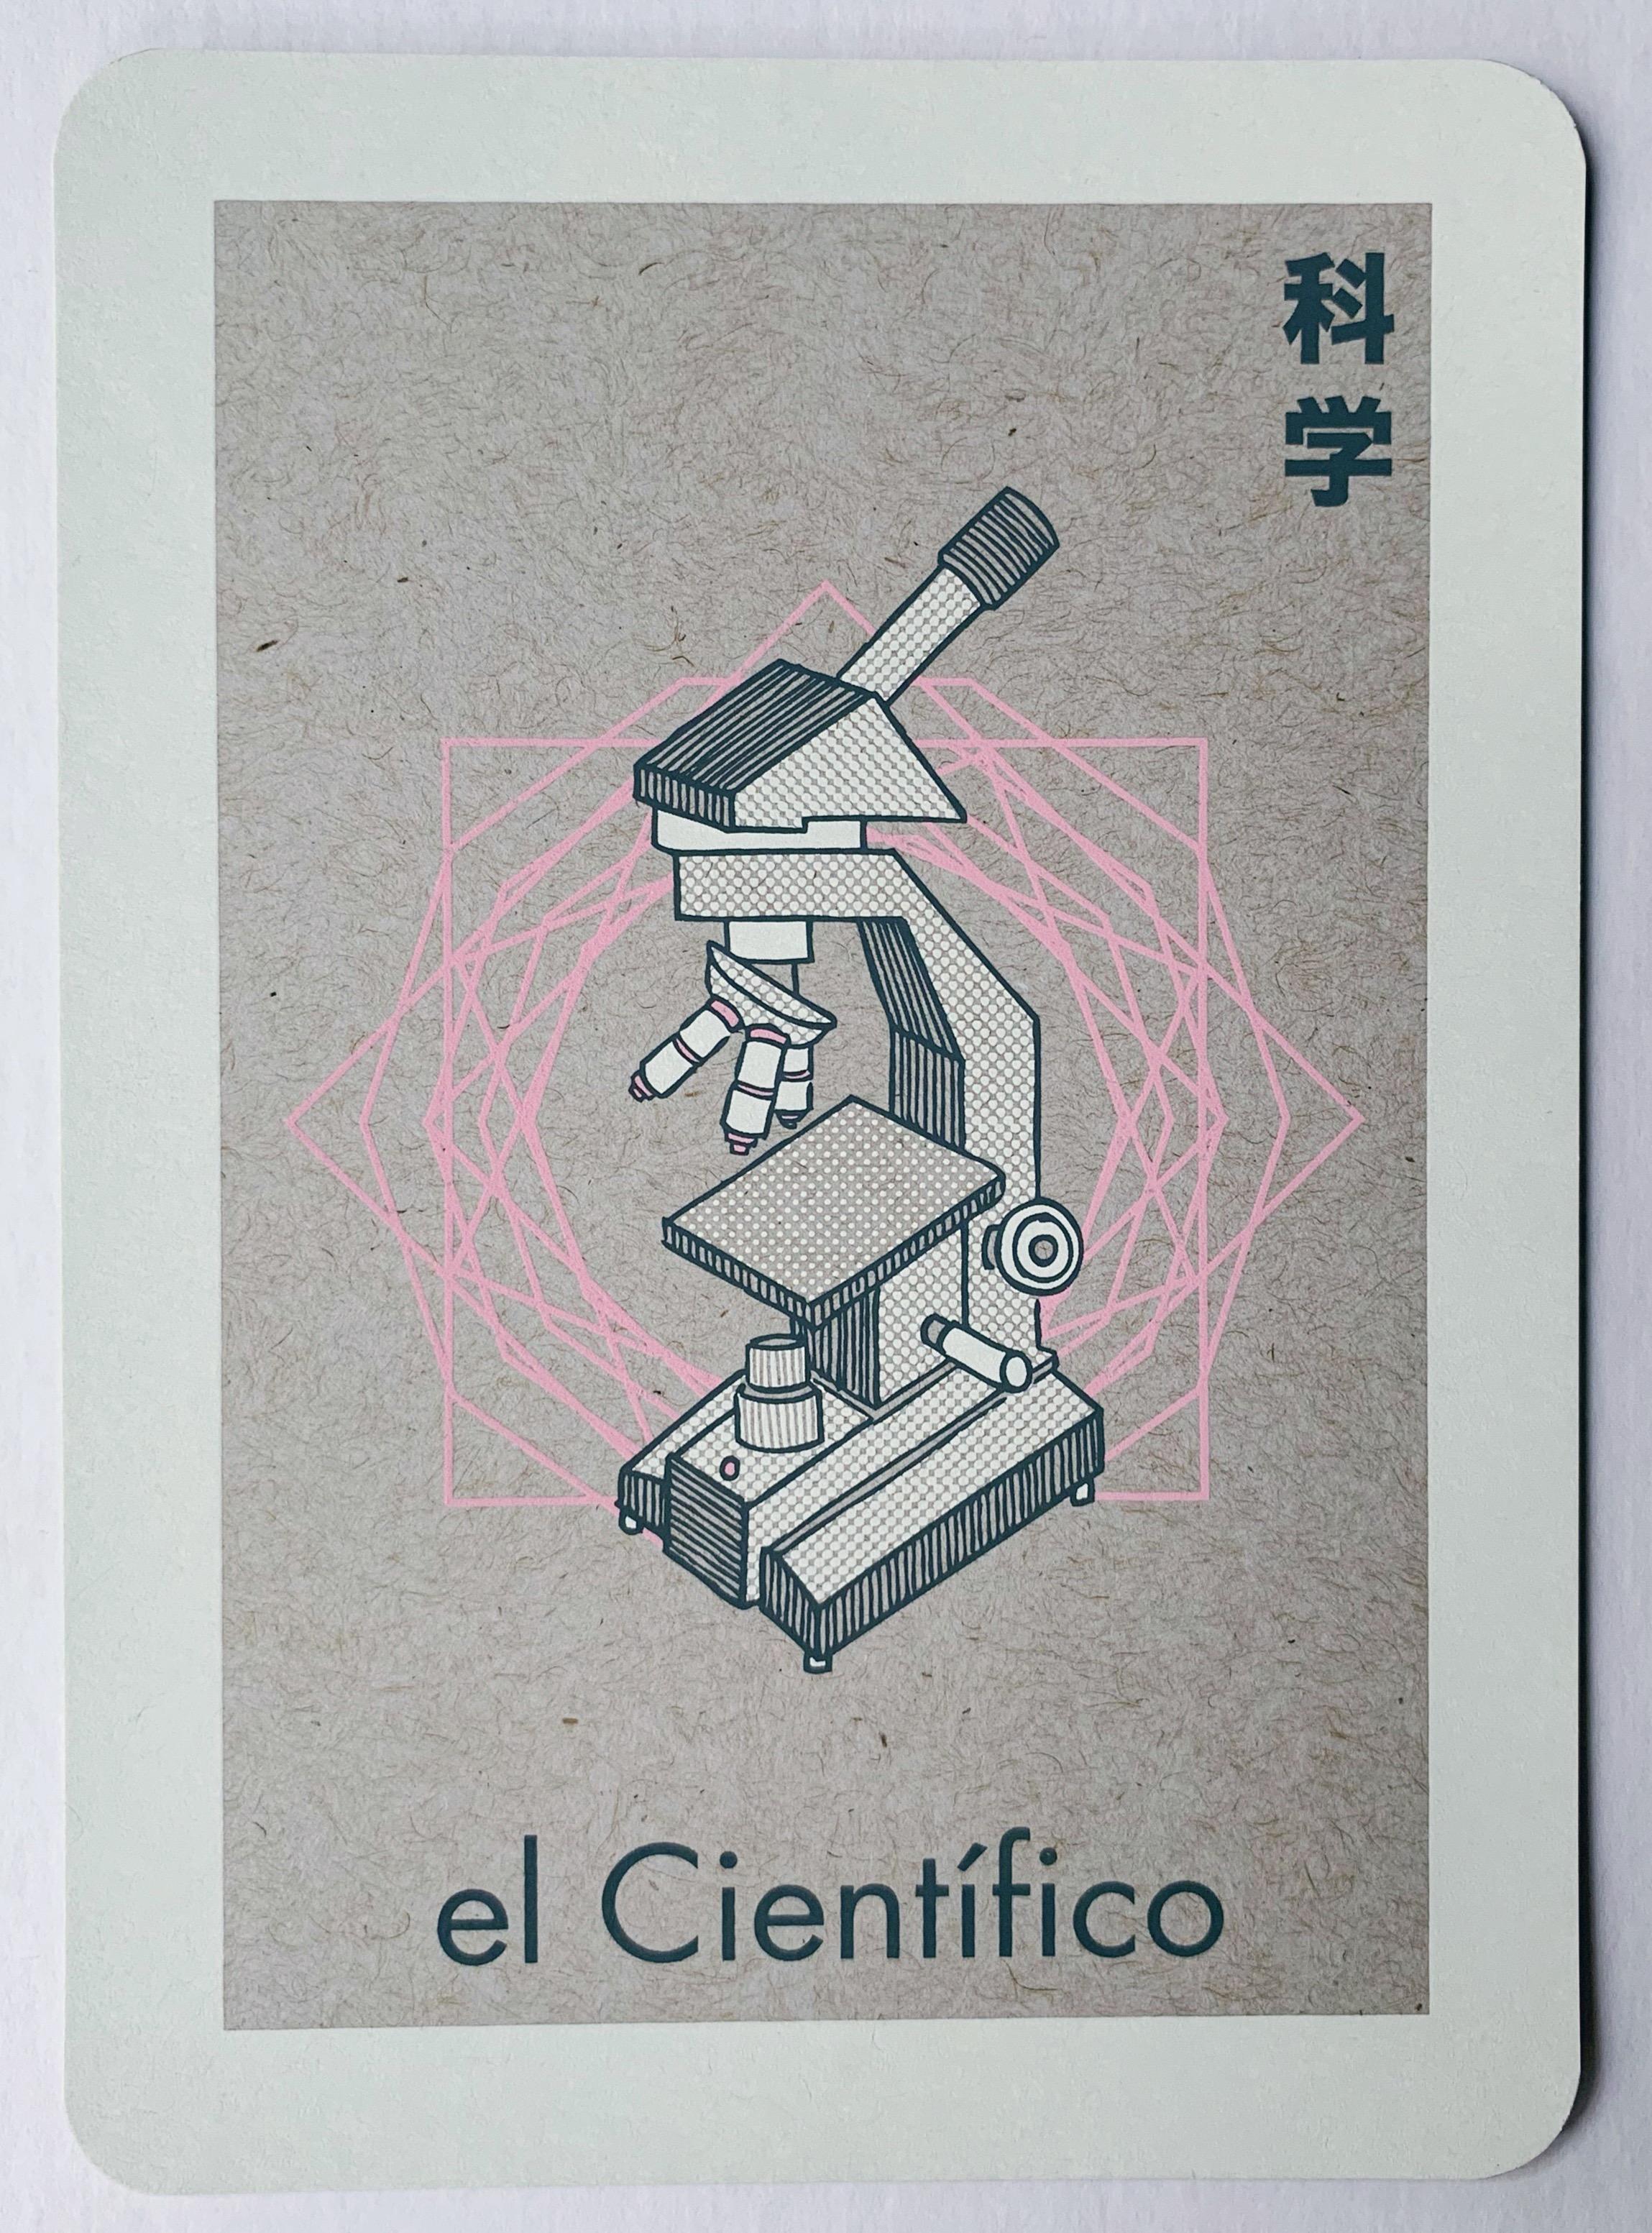 el Científico, serigraphy, 2017